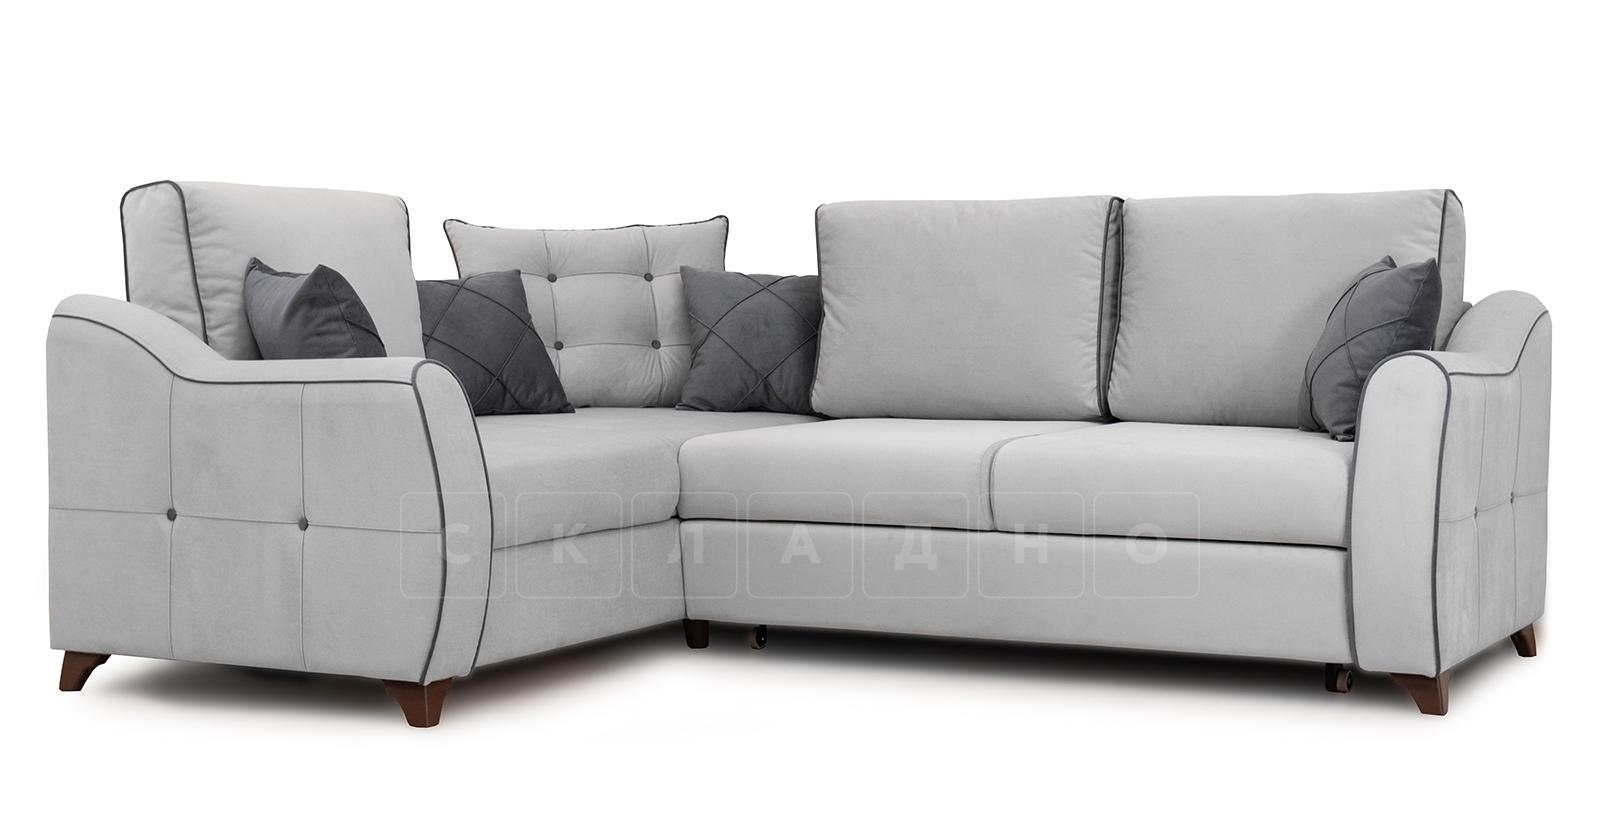 Диван-кровать угловой Флэтфорд светло-серый фото 1 | интернет-магазин Складно